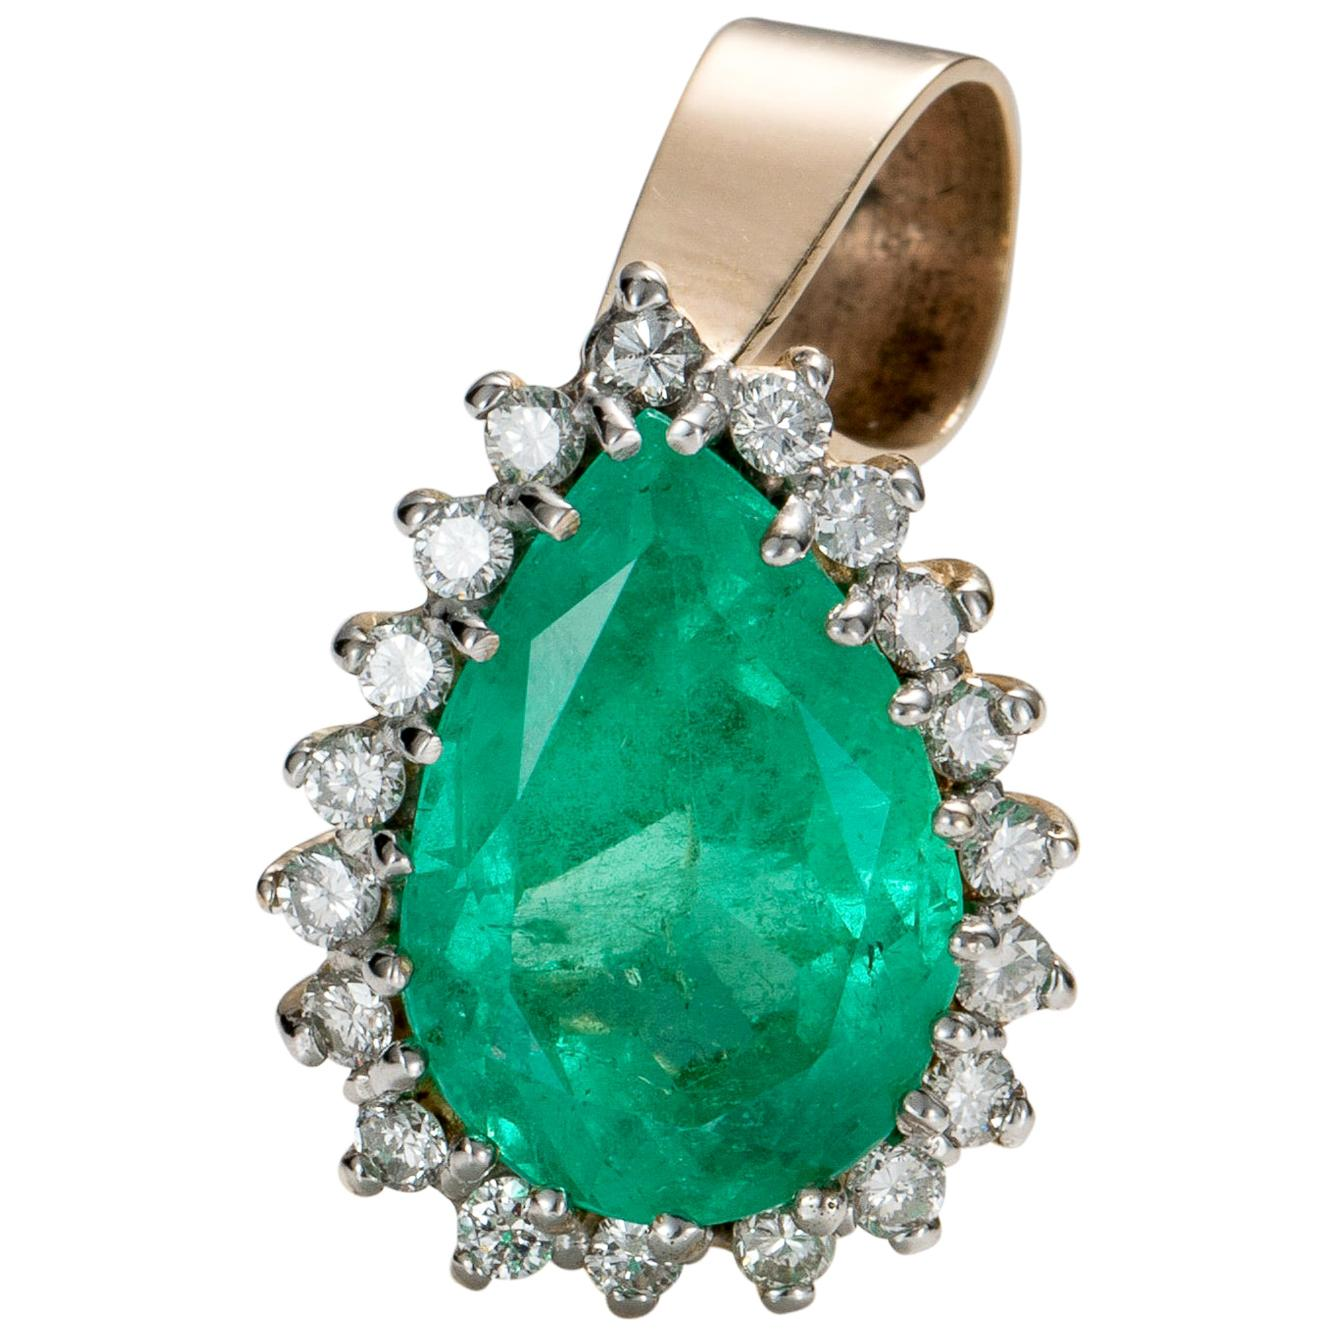 4.5 Carat Emerald and Diamond Pendant, 18 Karat Gold